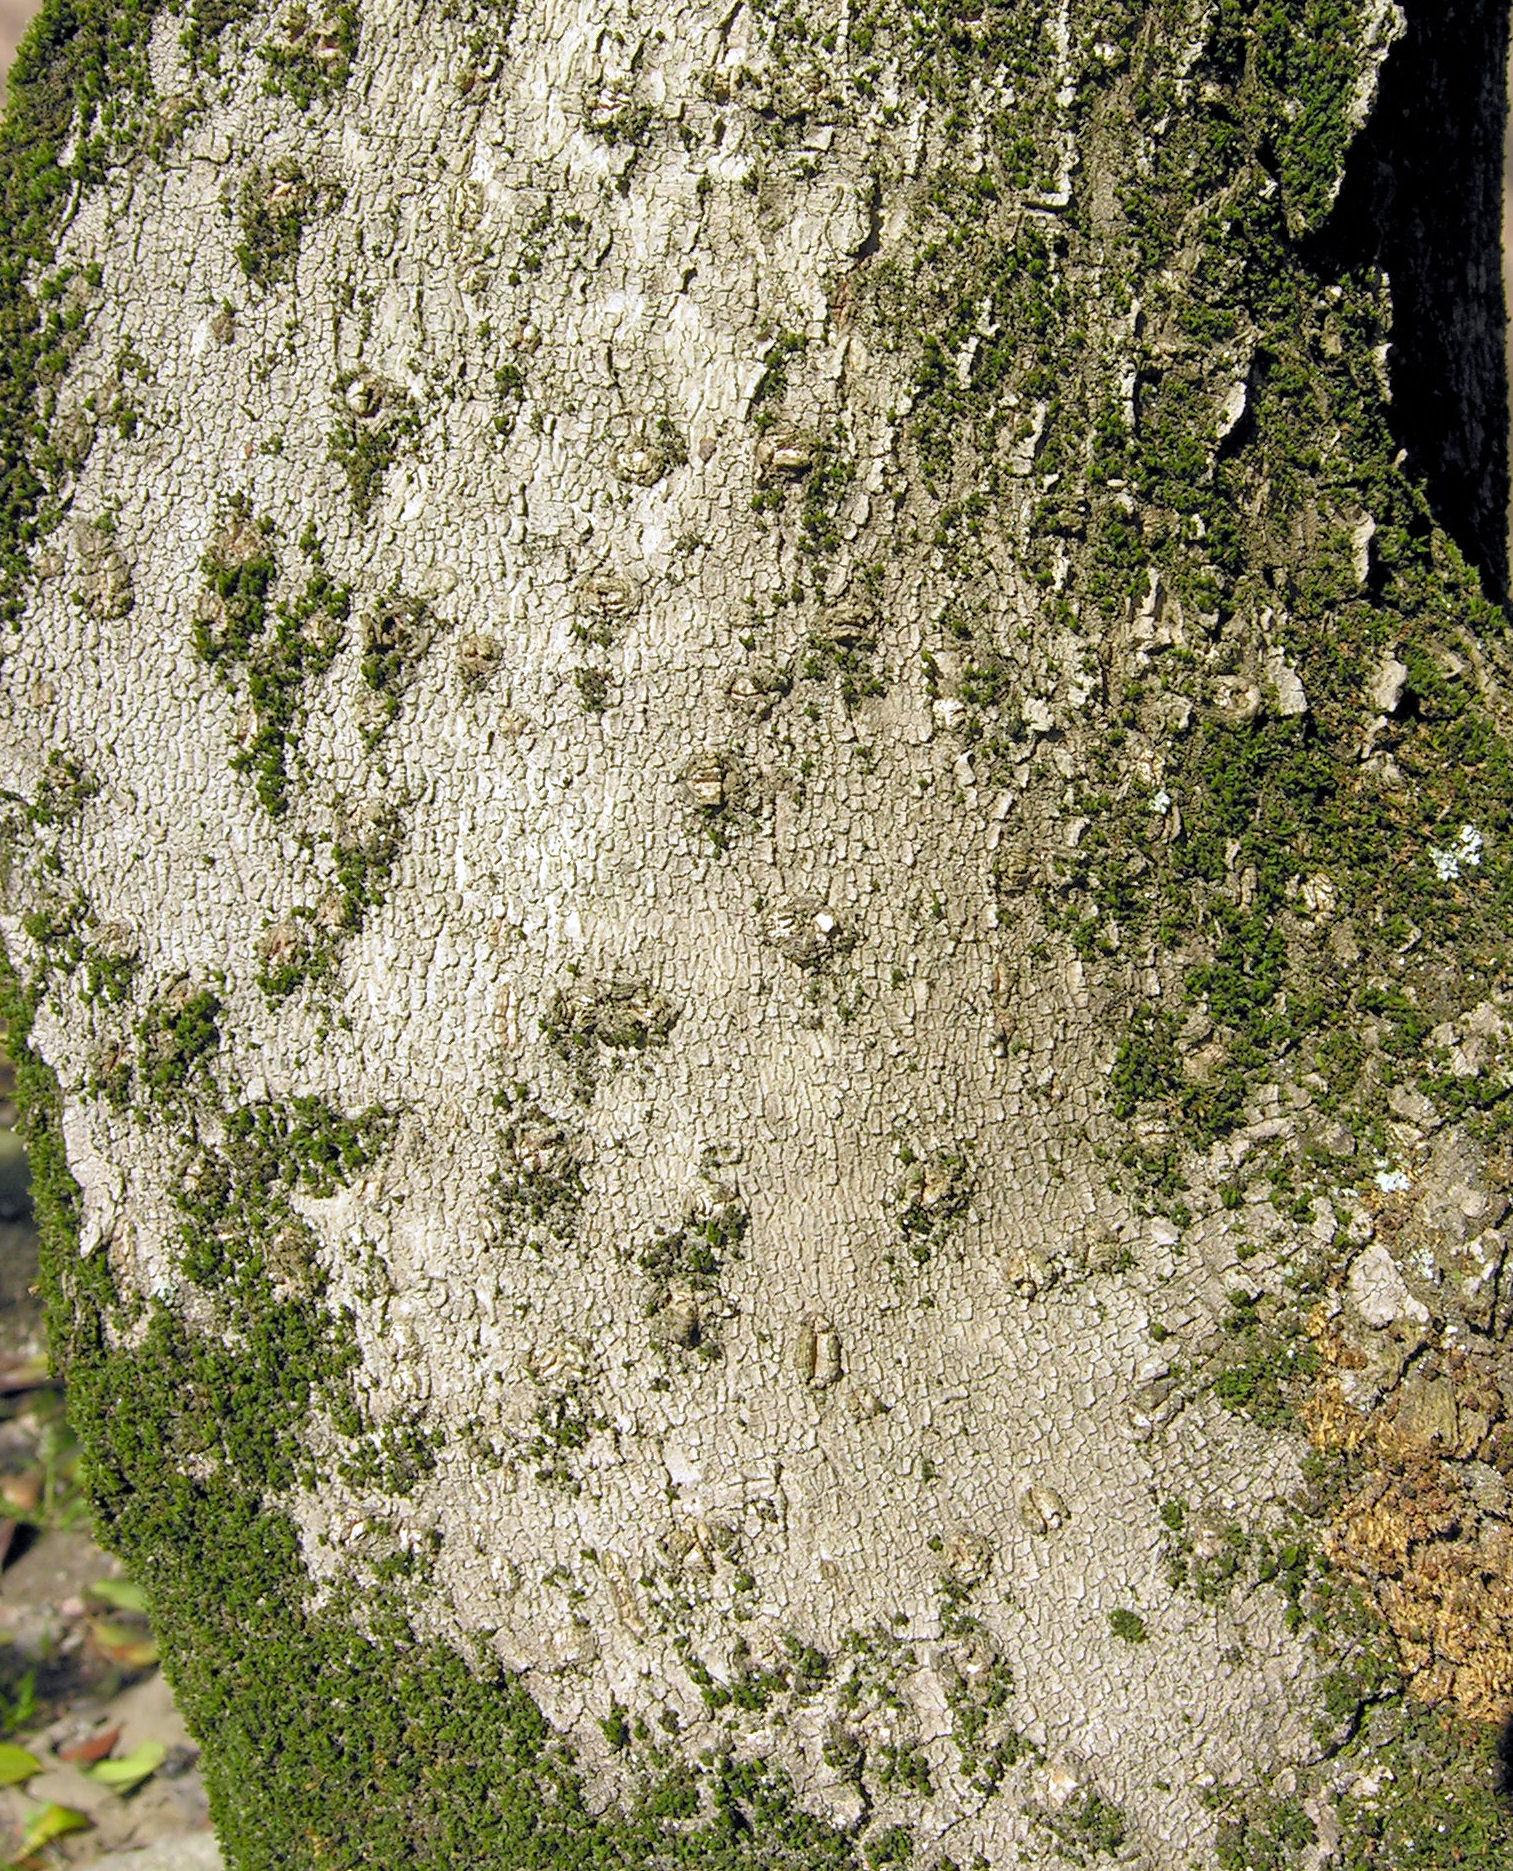 © Dipartimento di Scienze della Vita, Università di Trieste<br>by Andrea Moro<br>Comune di Merano / Meran, Giardini di Castel Trauttmansdorff, BZ, Trentino-Alto Adige / Südtirol, Italia, 05/10/2017<br>Distributed under CC-BY-SA 4.0 license.